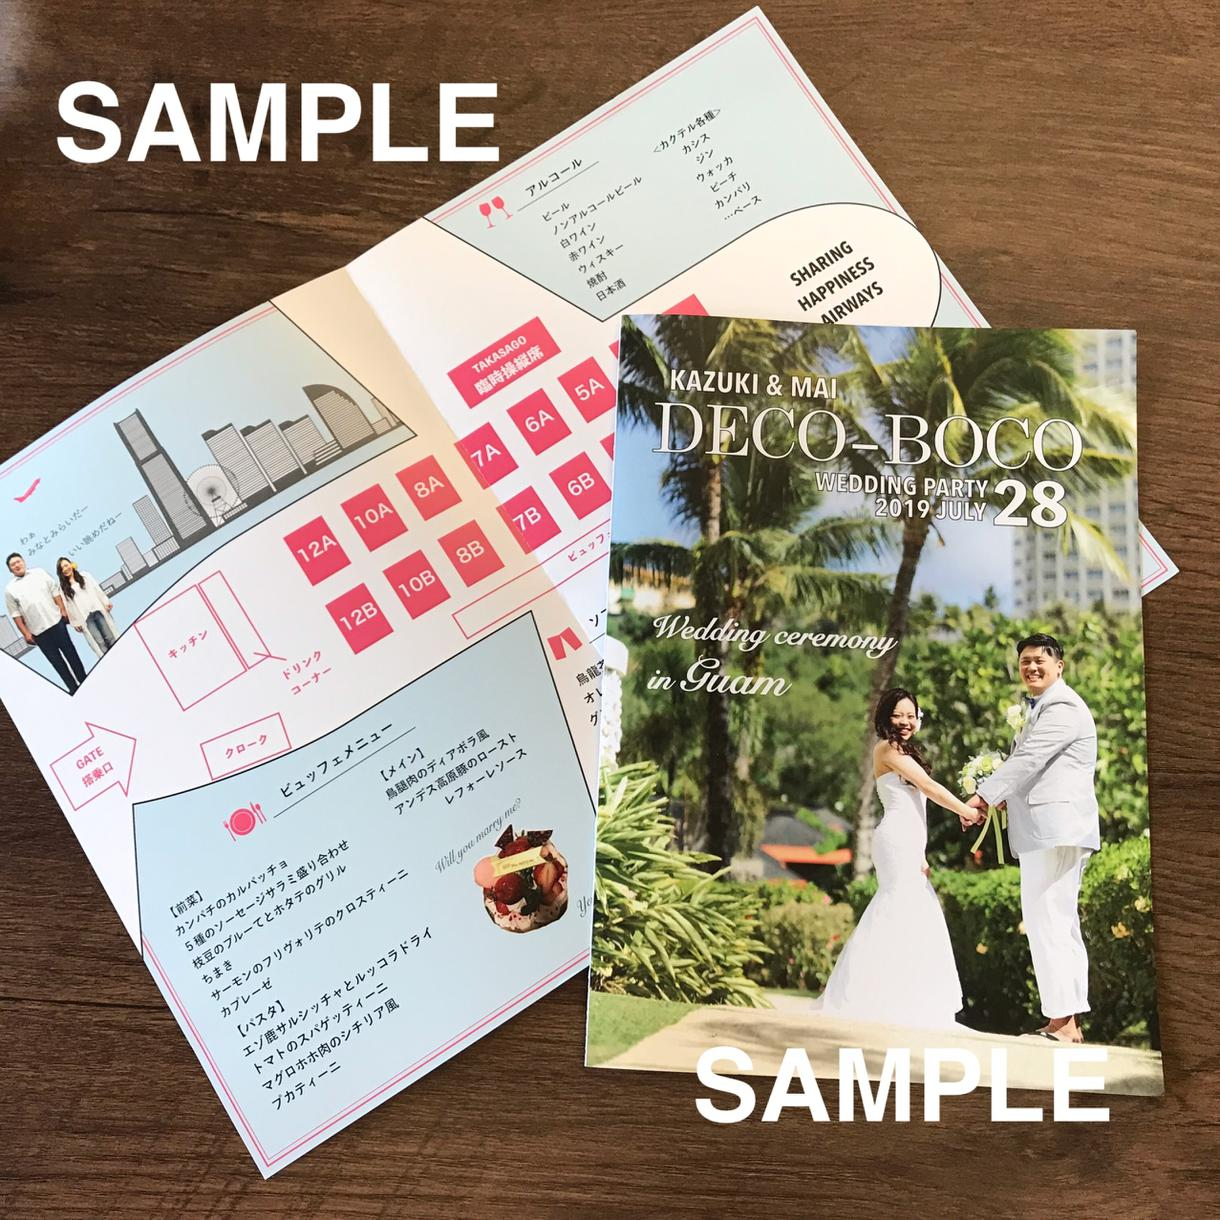 機内誌風の結婚式席次表作ります 旅行好きによる旅行好きの為の結婚式席次表